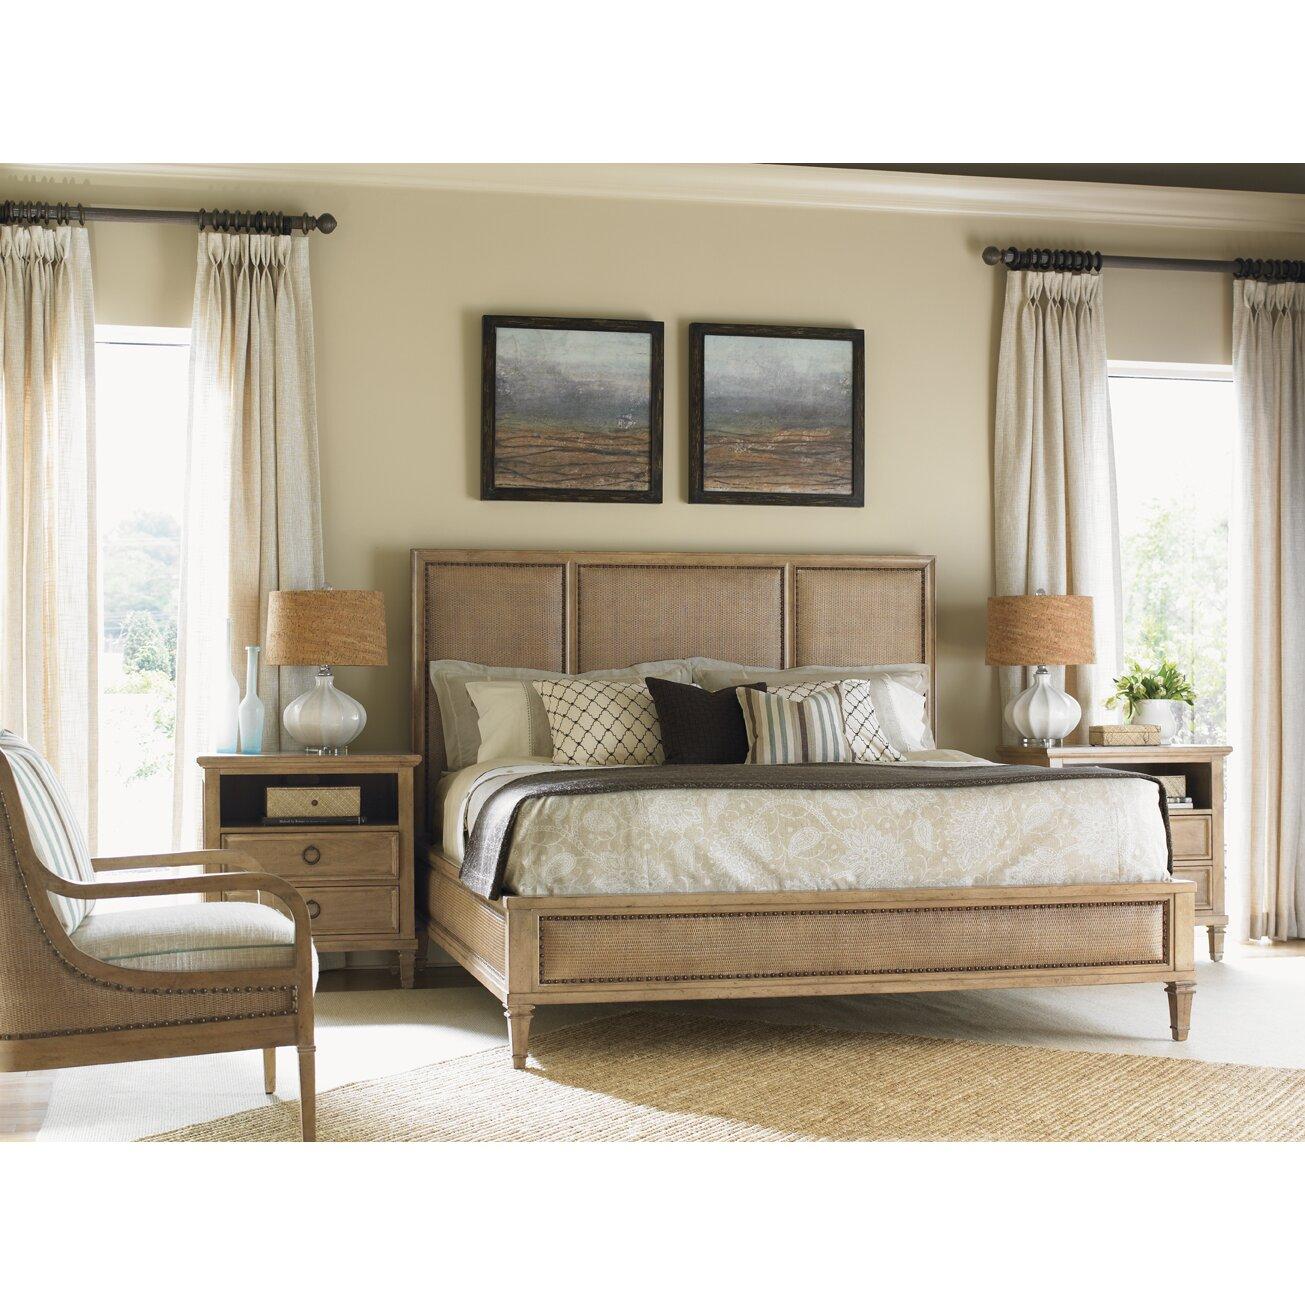 Lexington monterey sands 2 drawer nightstand reviews wayfair for Bedroom furniture berkeley ca